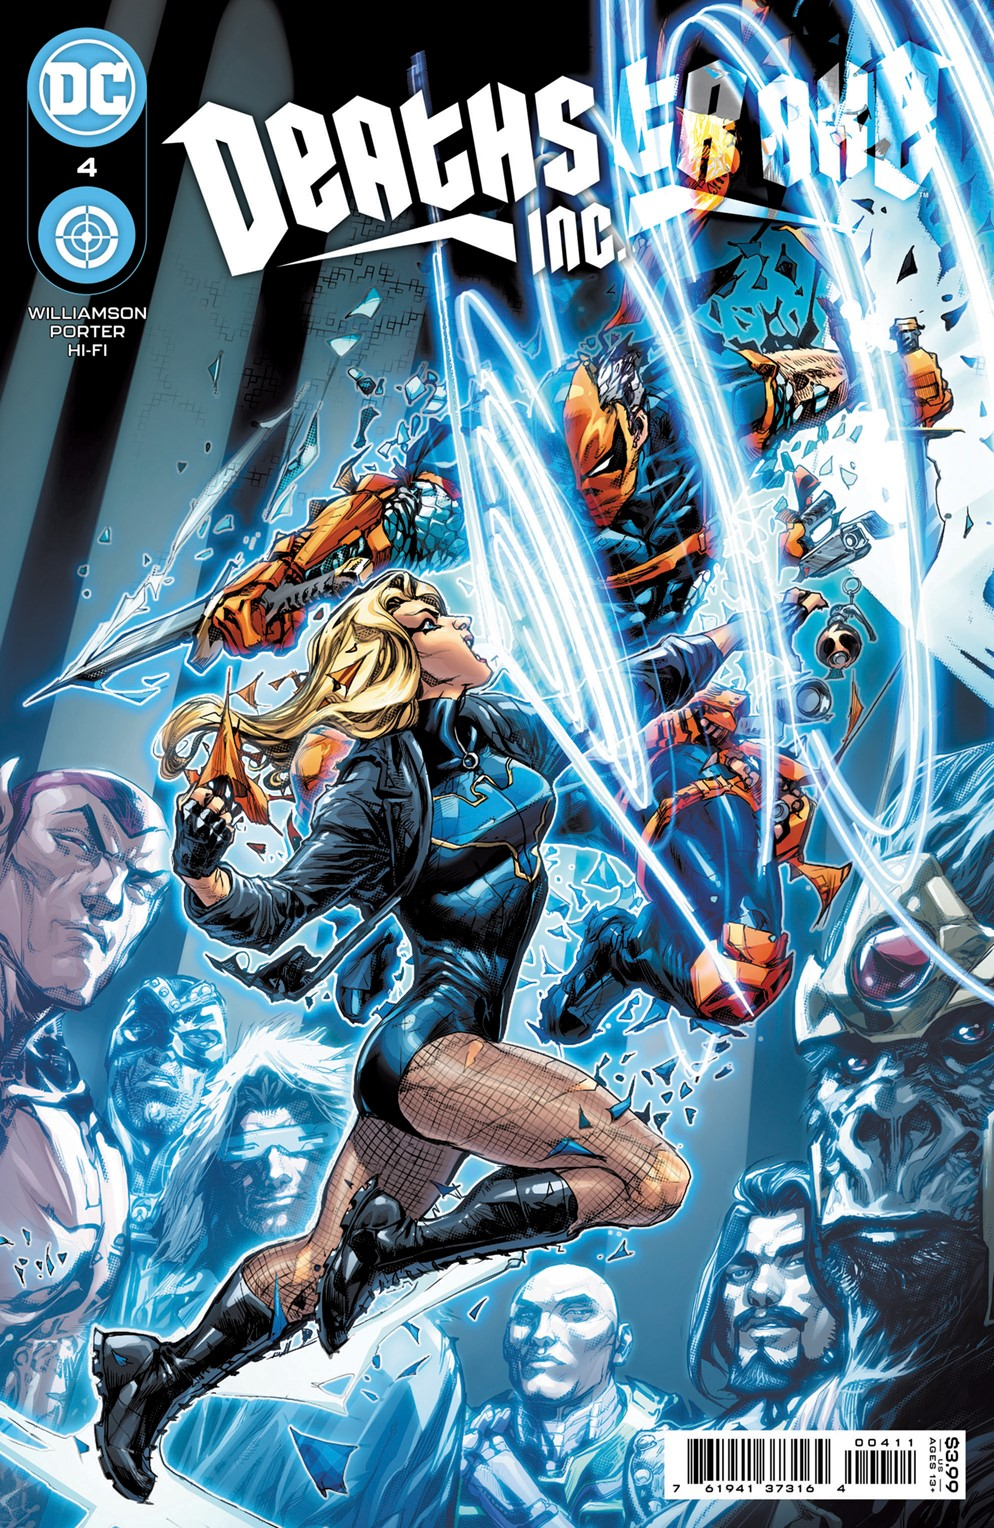 DSKINC_Cv4 DC Comics December 2021 Solicitations